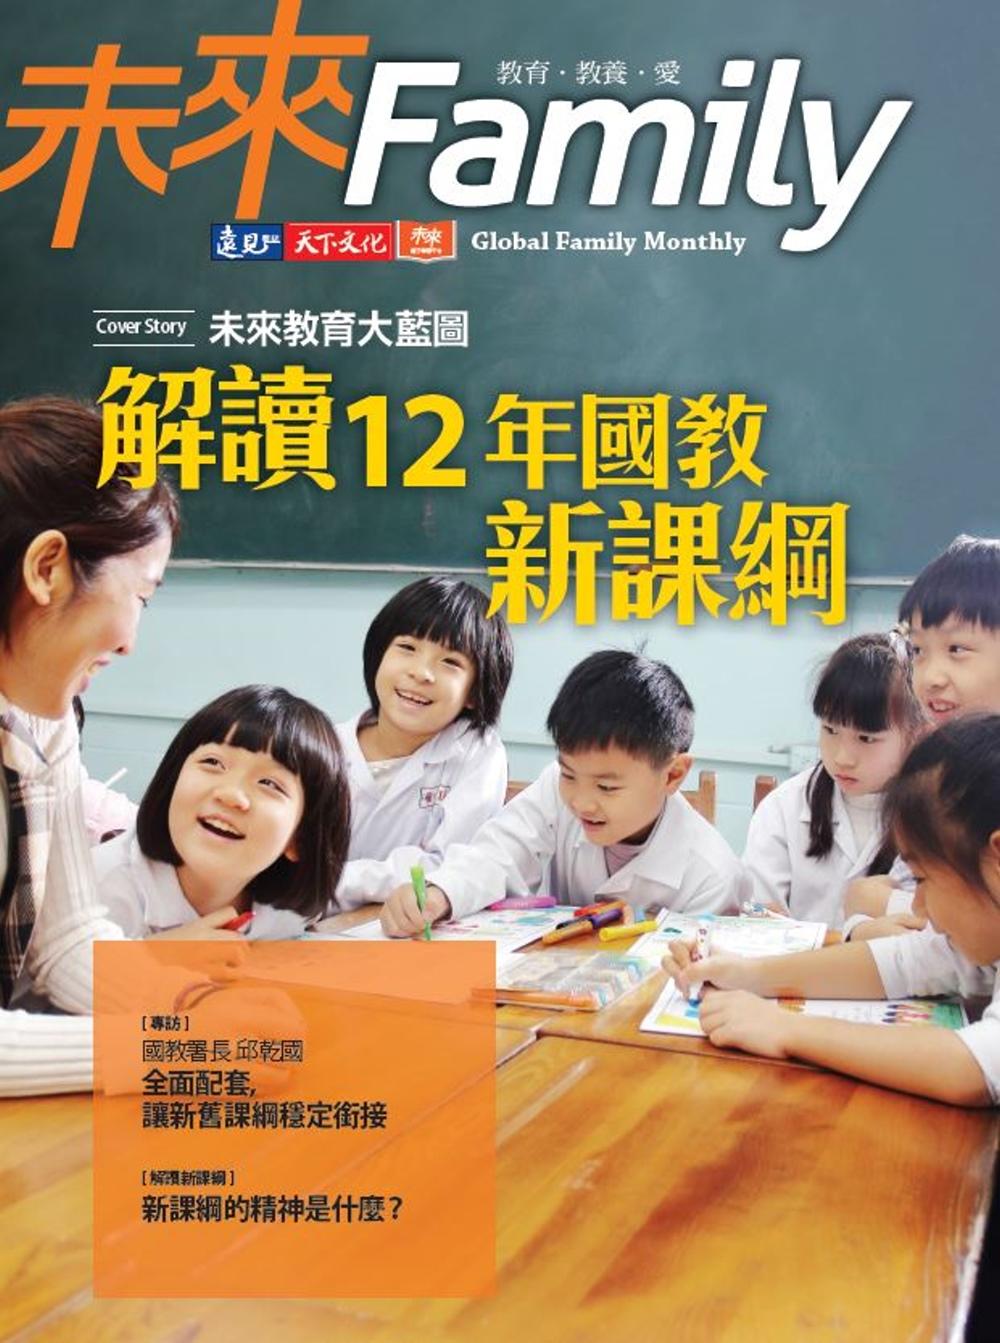 未來Family 教育特刊:解讀12年國教新課綱